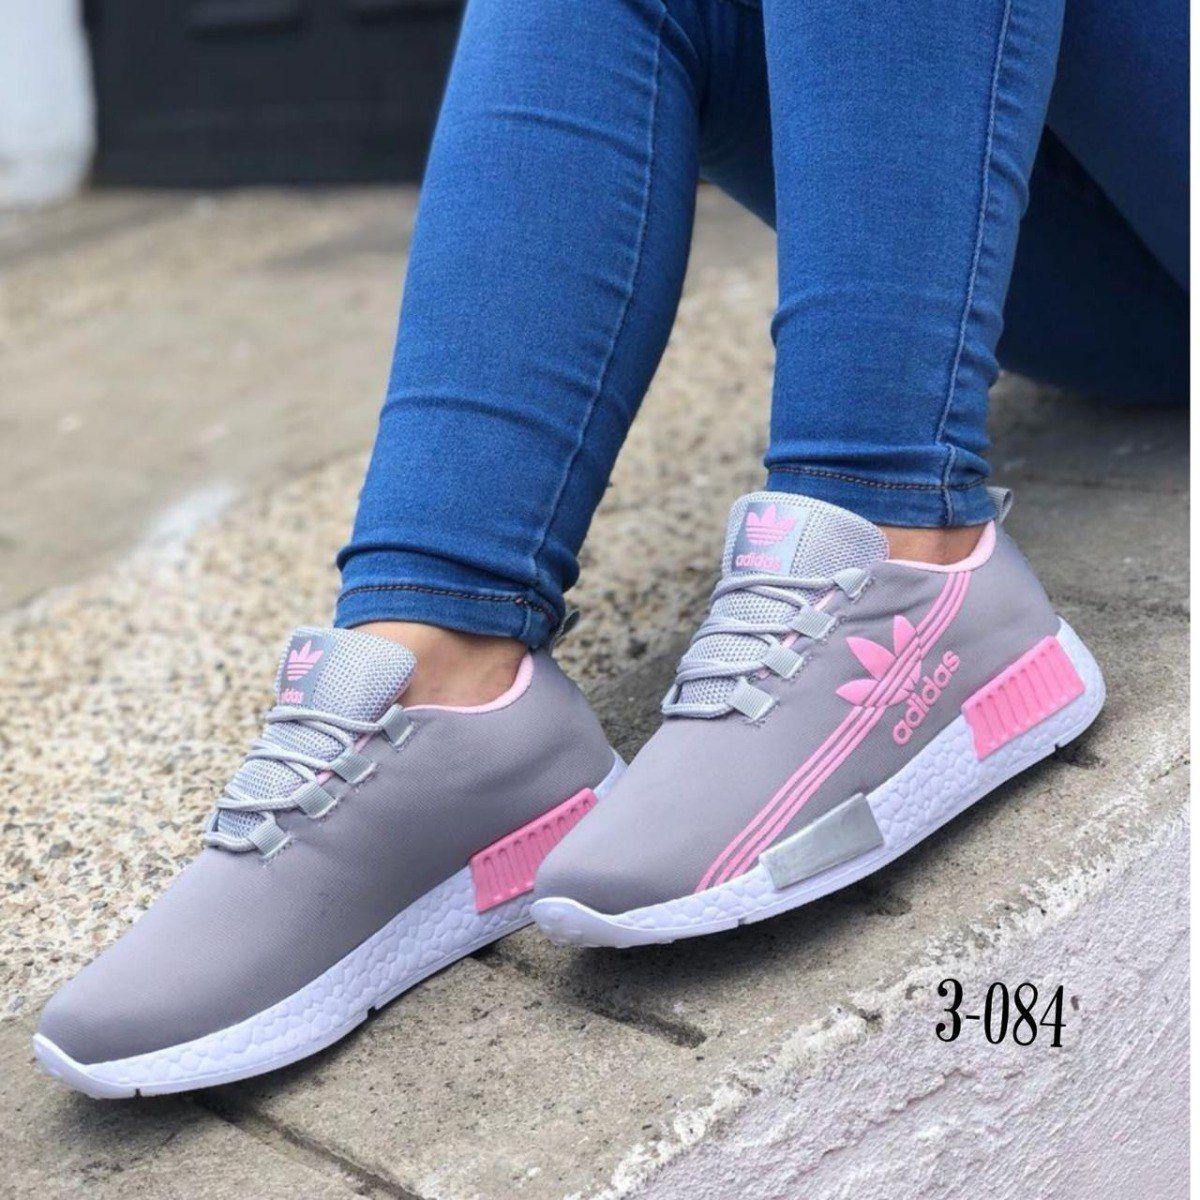 71963bc434 Zapatos Deportivos Variado Para Damas Moda Colombiana - Bs. 88.000,00 en Mercado  Libre